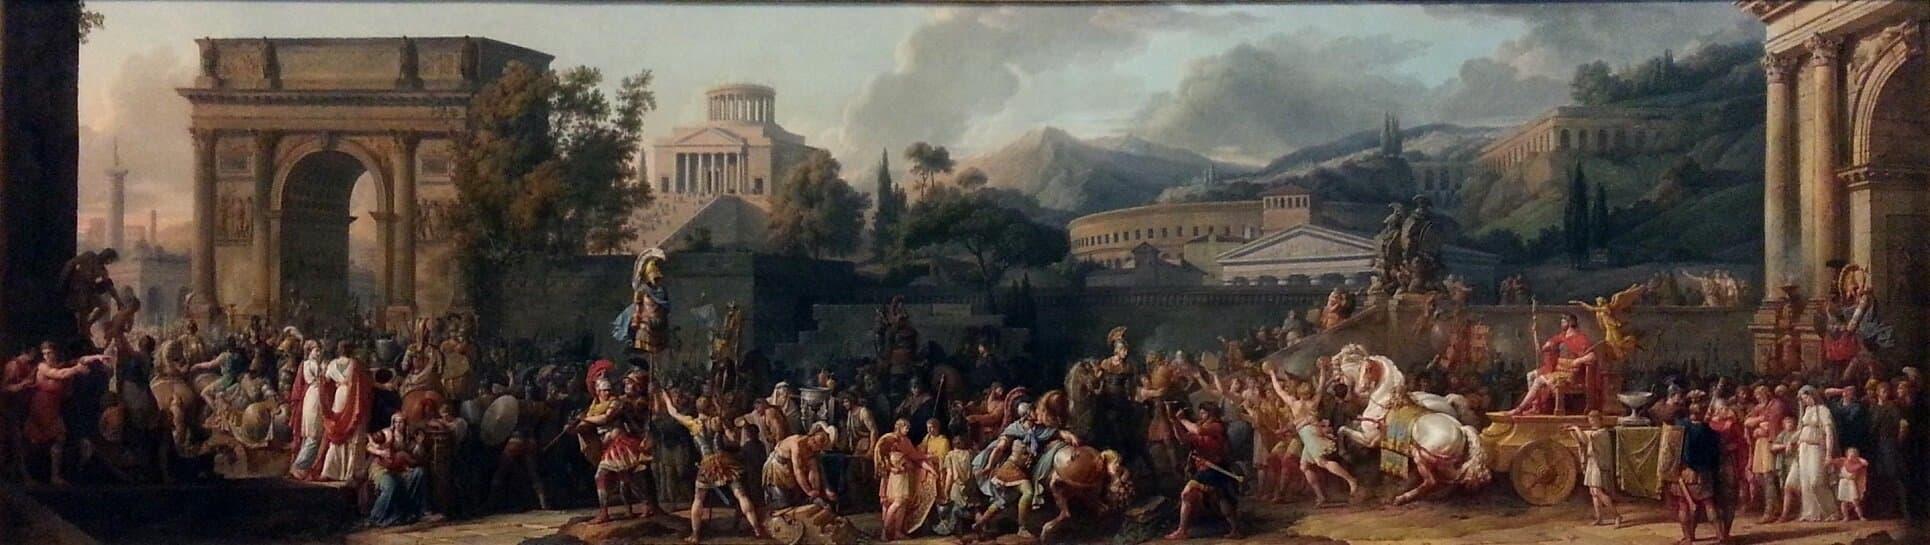 Что символизируют триумфальные арки Рима